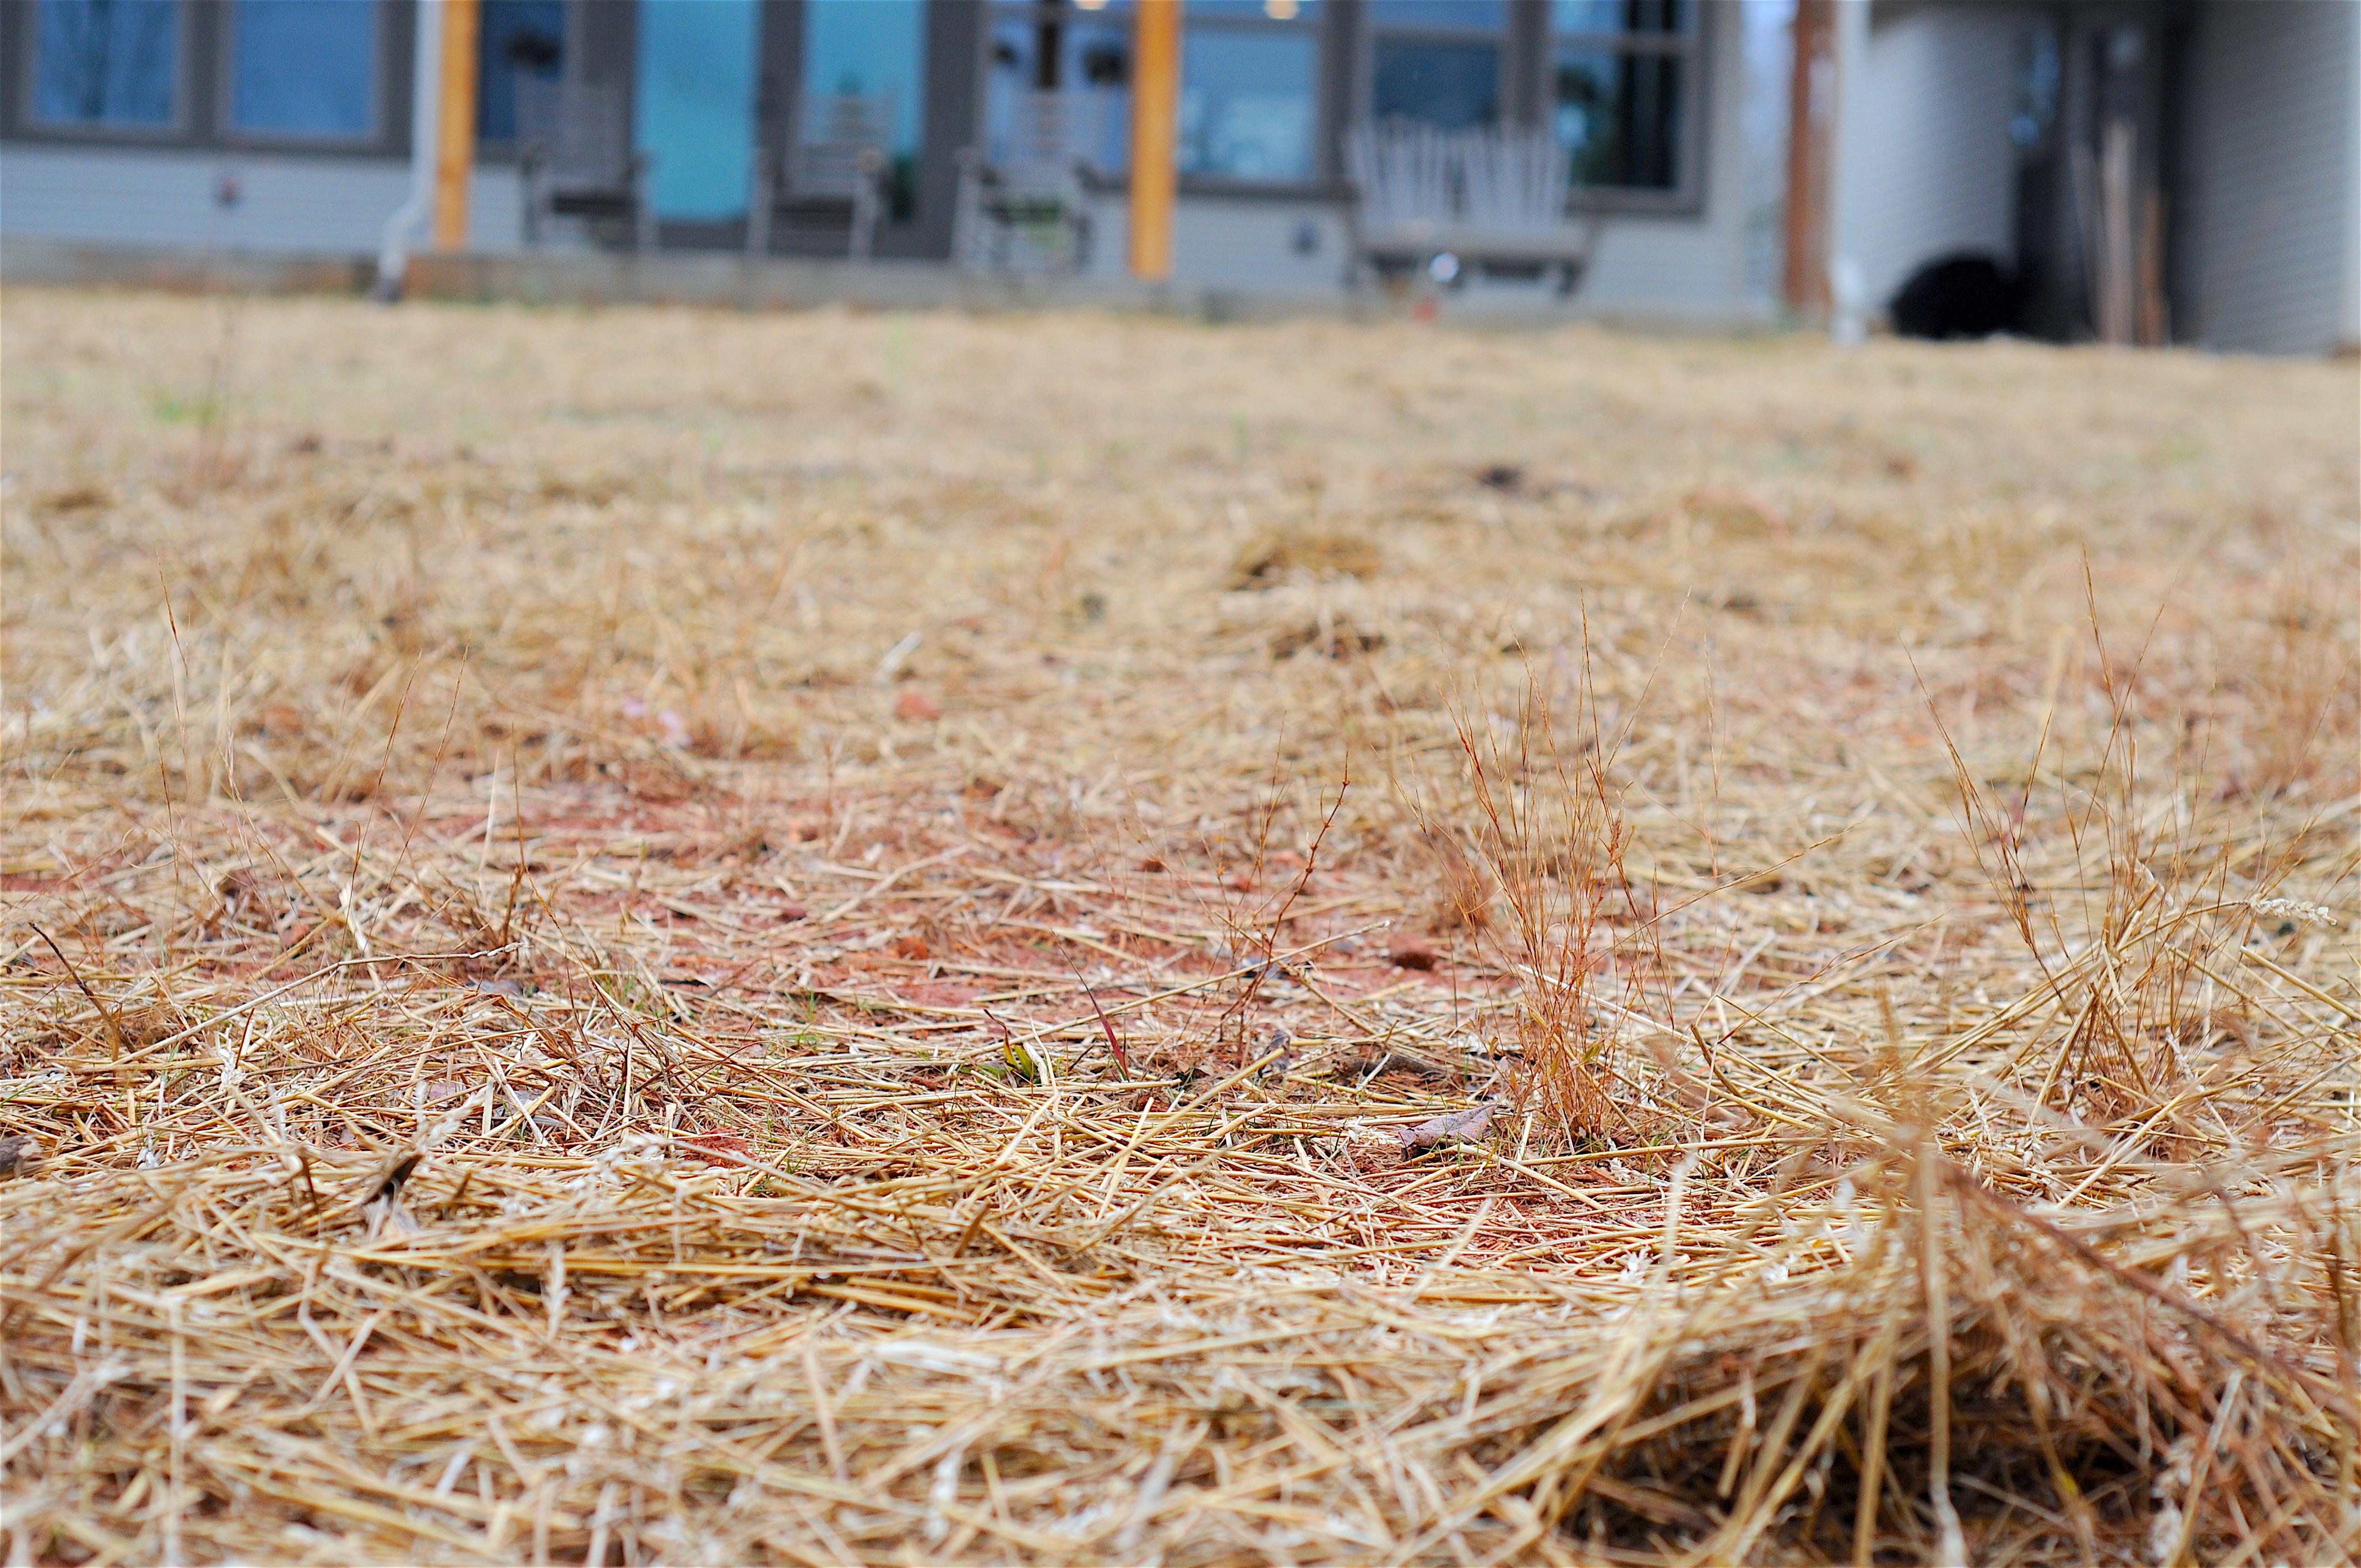 dsc_0685-jpg-hay